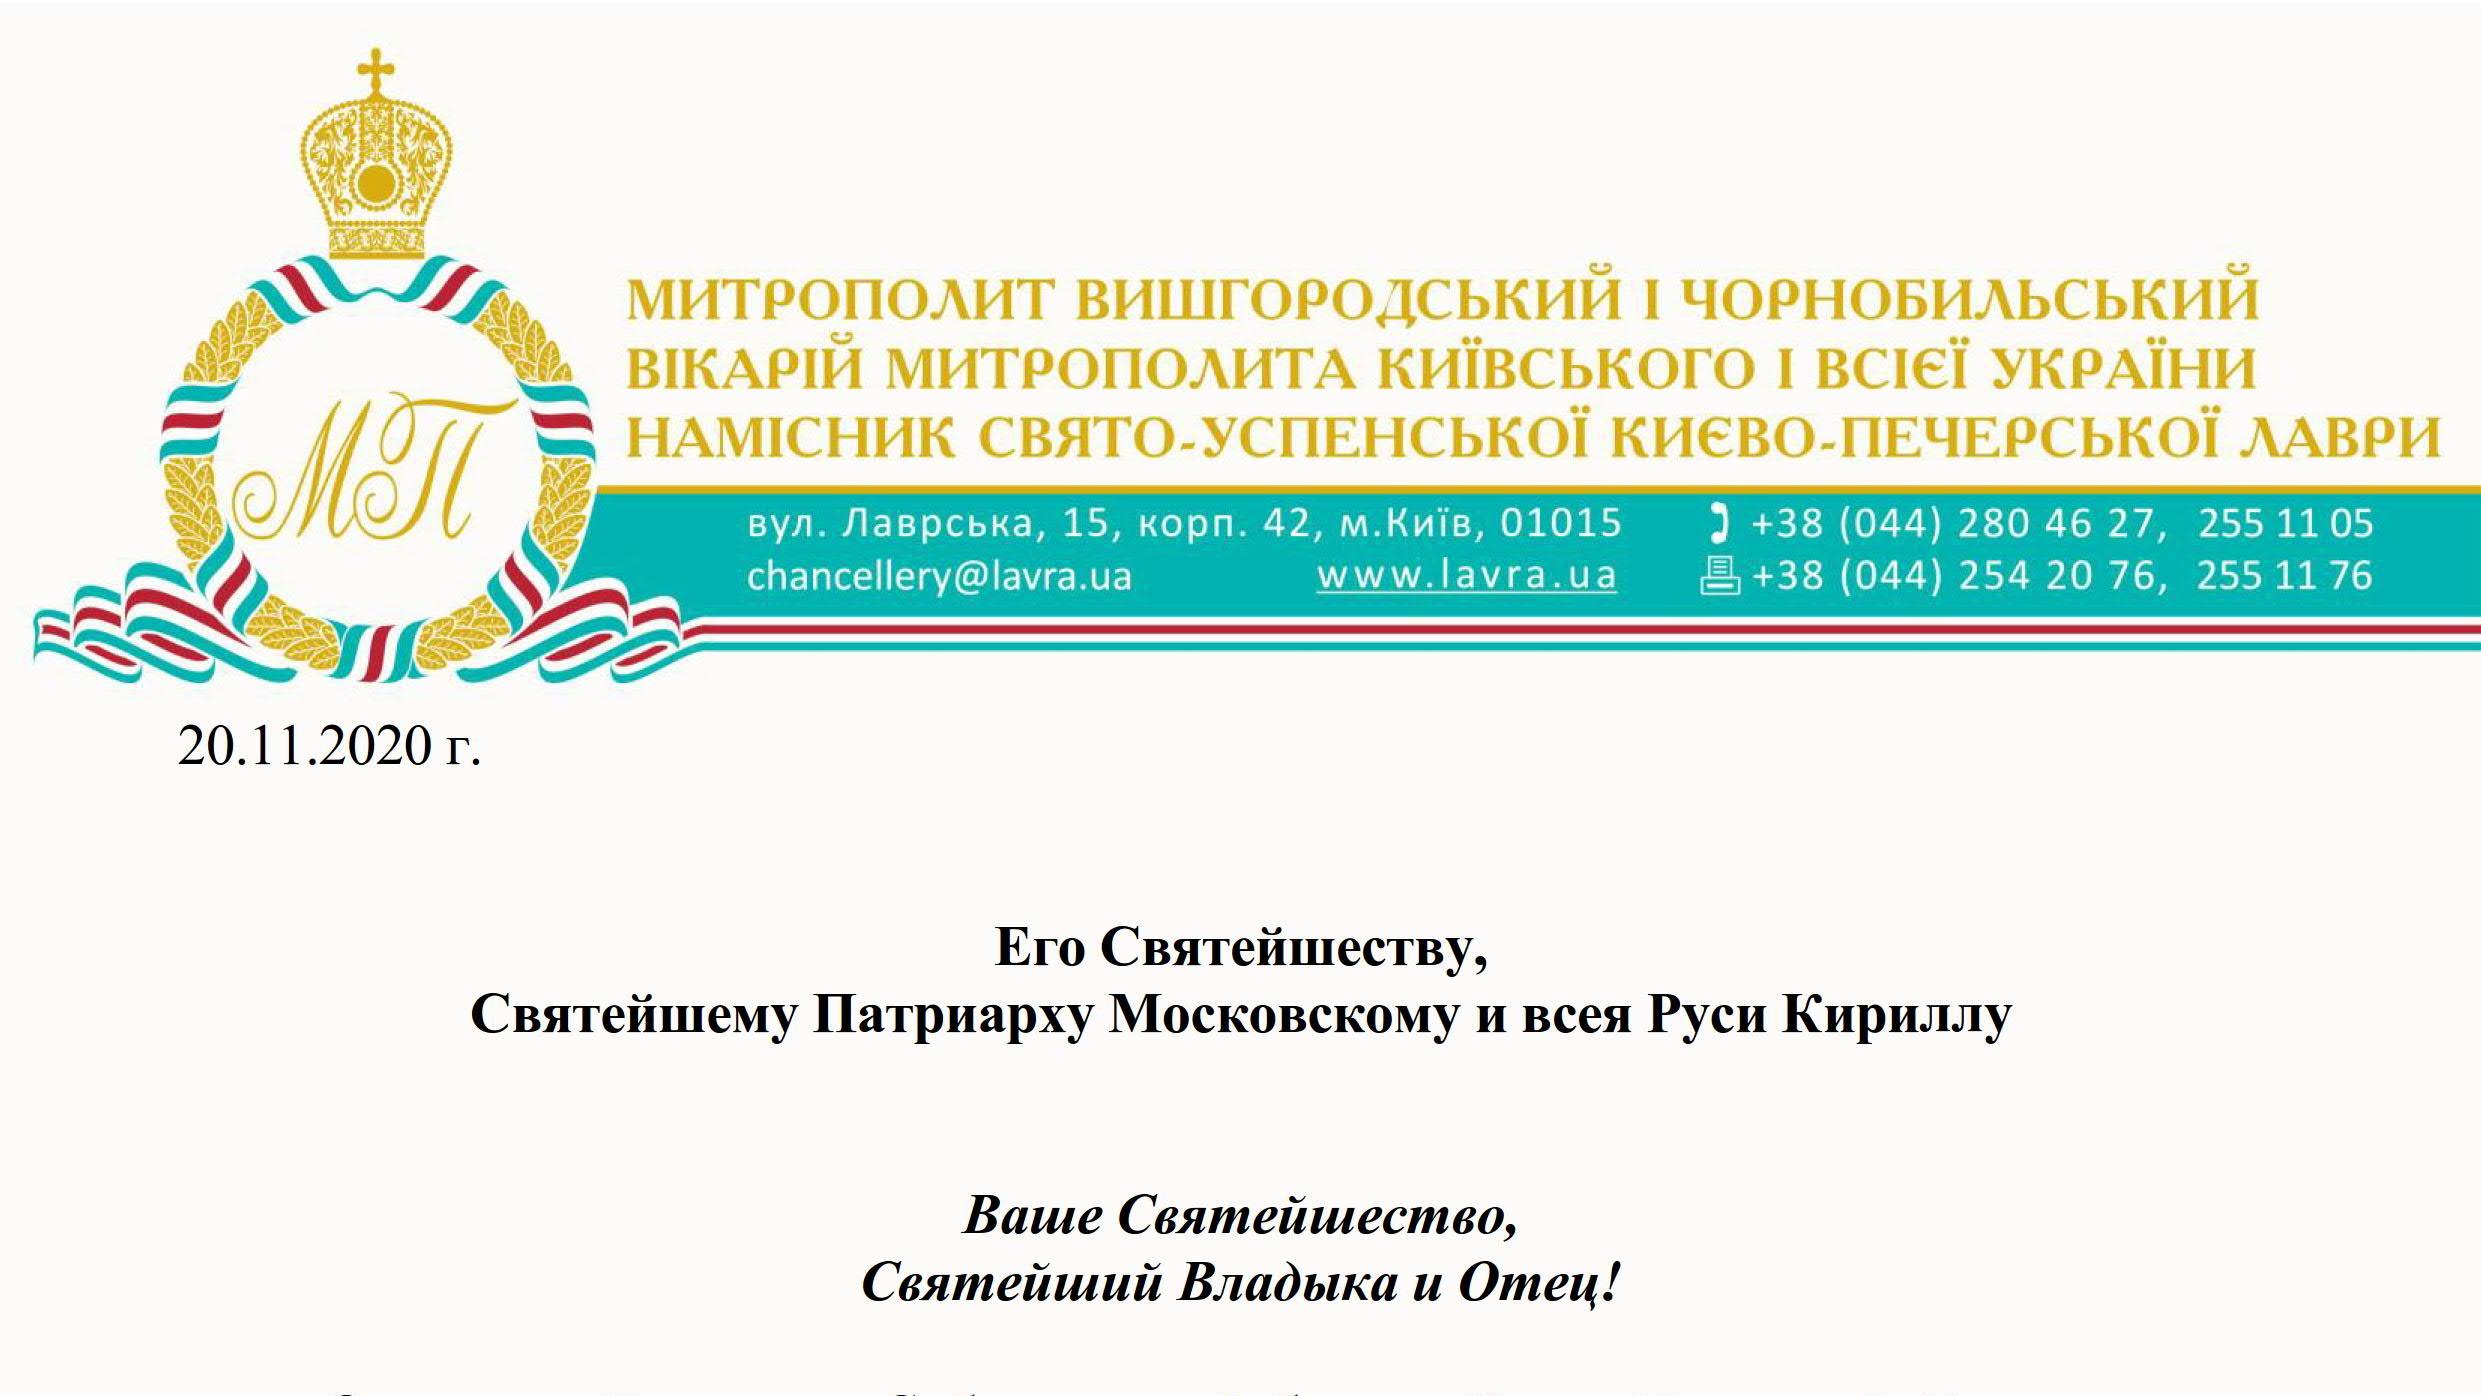 _Патриарху-PDF-ДР-РУС-2020_1